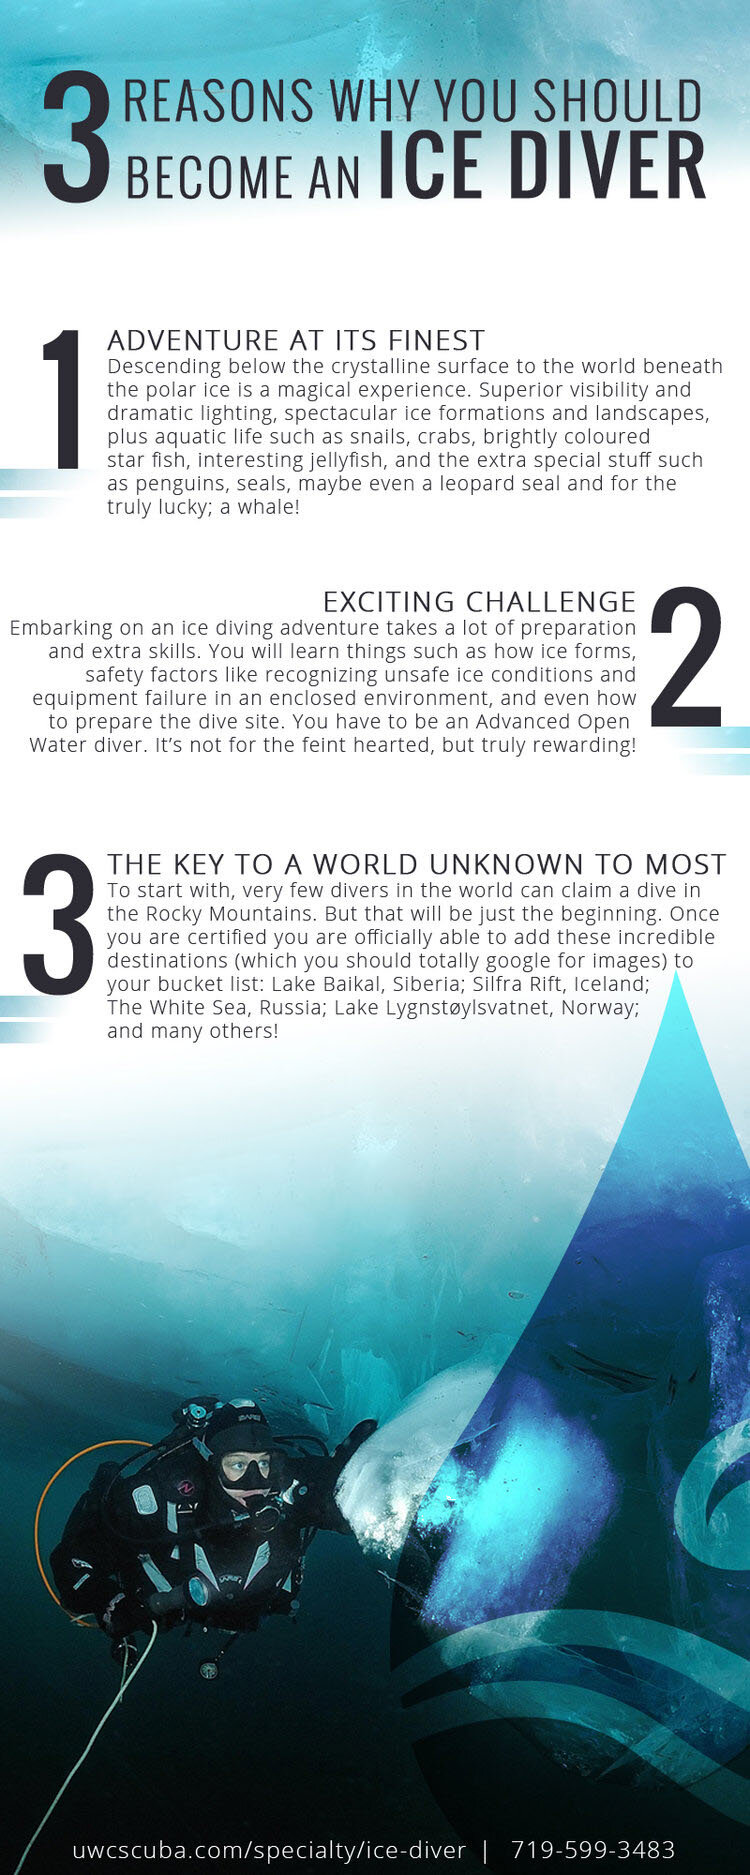 UWC_Ice_Infographic.jpg